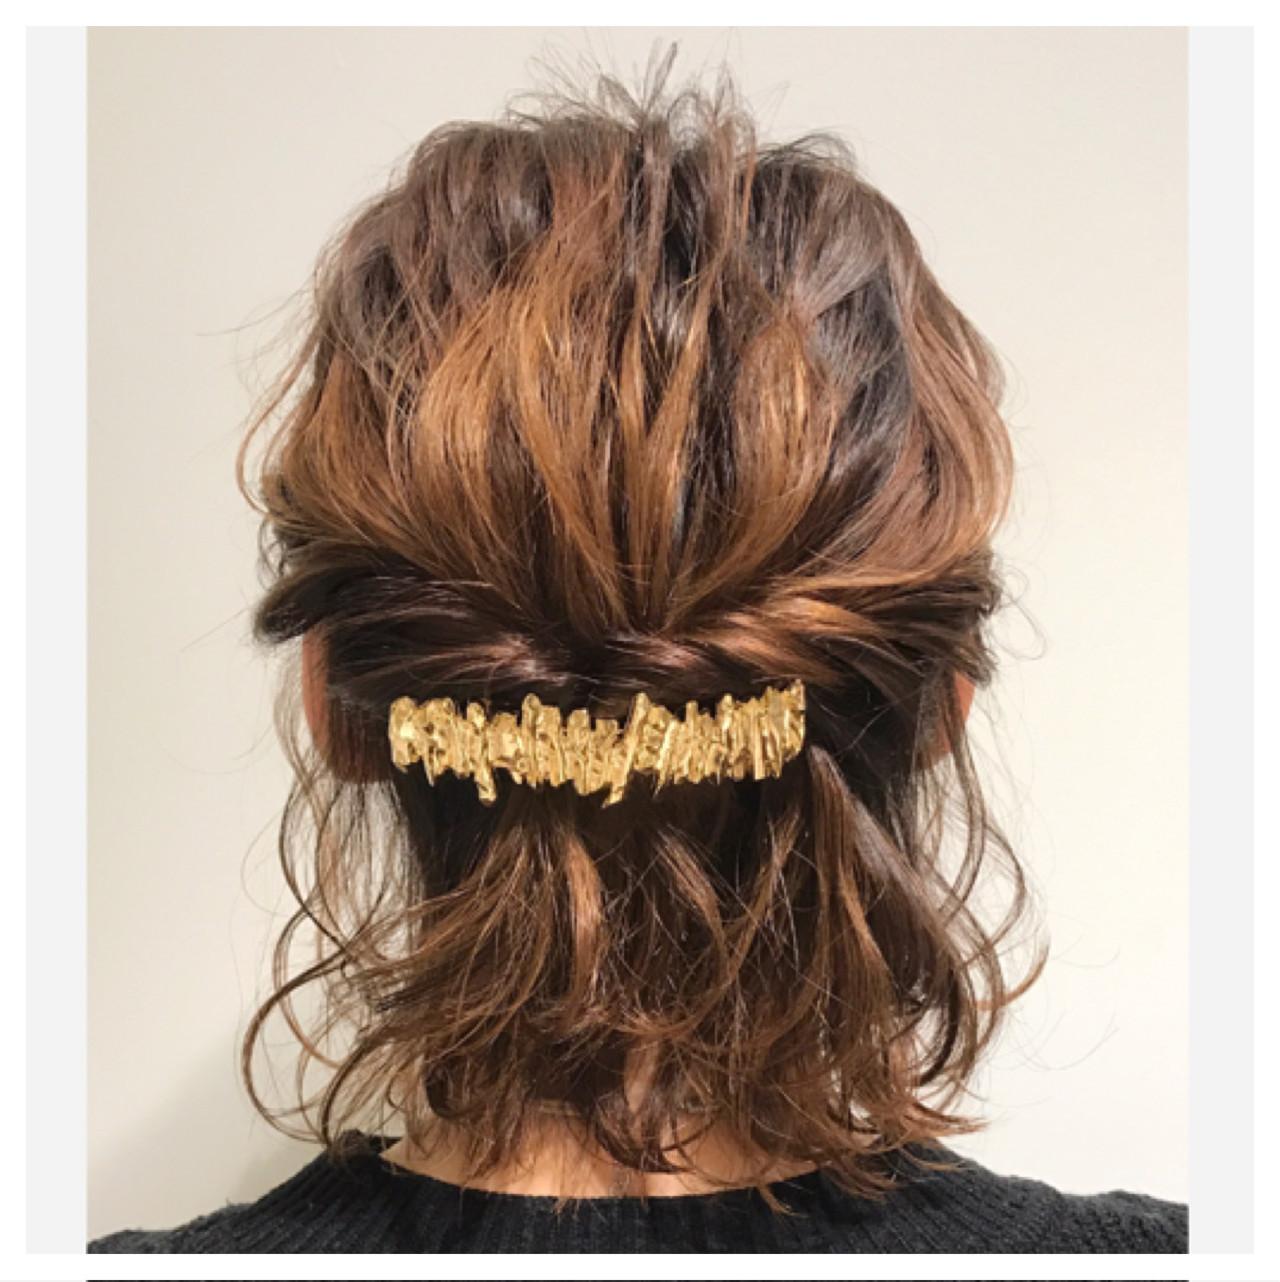 くるりんぱ ハーフアップ ヘアアレンジ パーマ ヘアスタイルや髪型の写真・画像